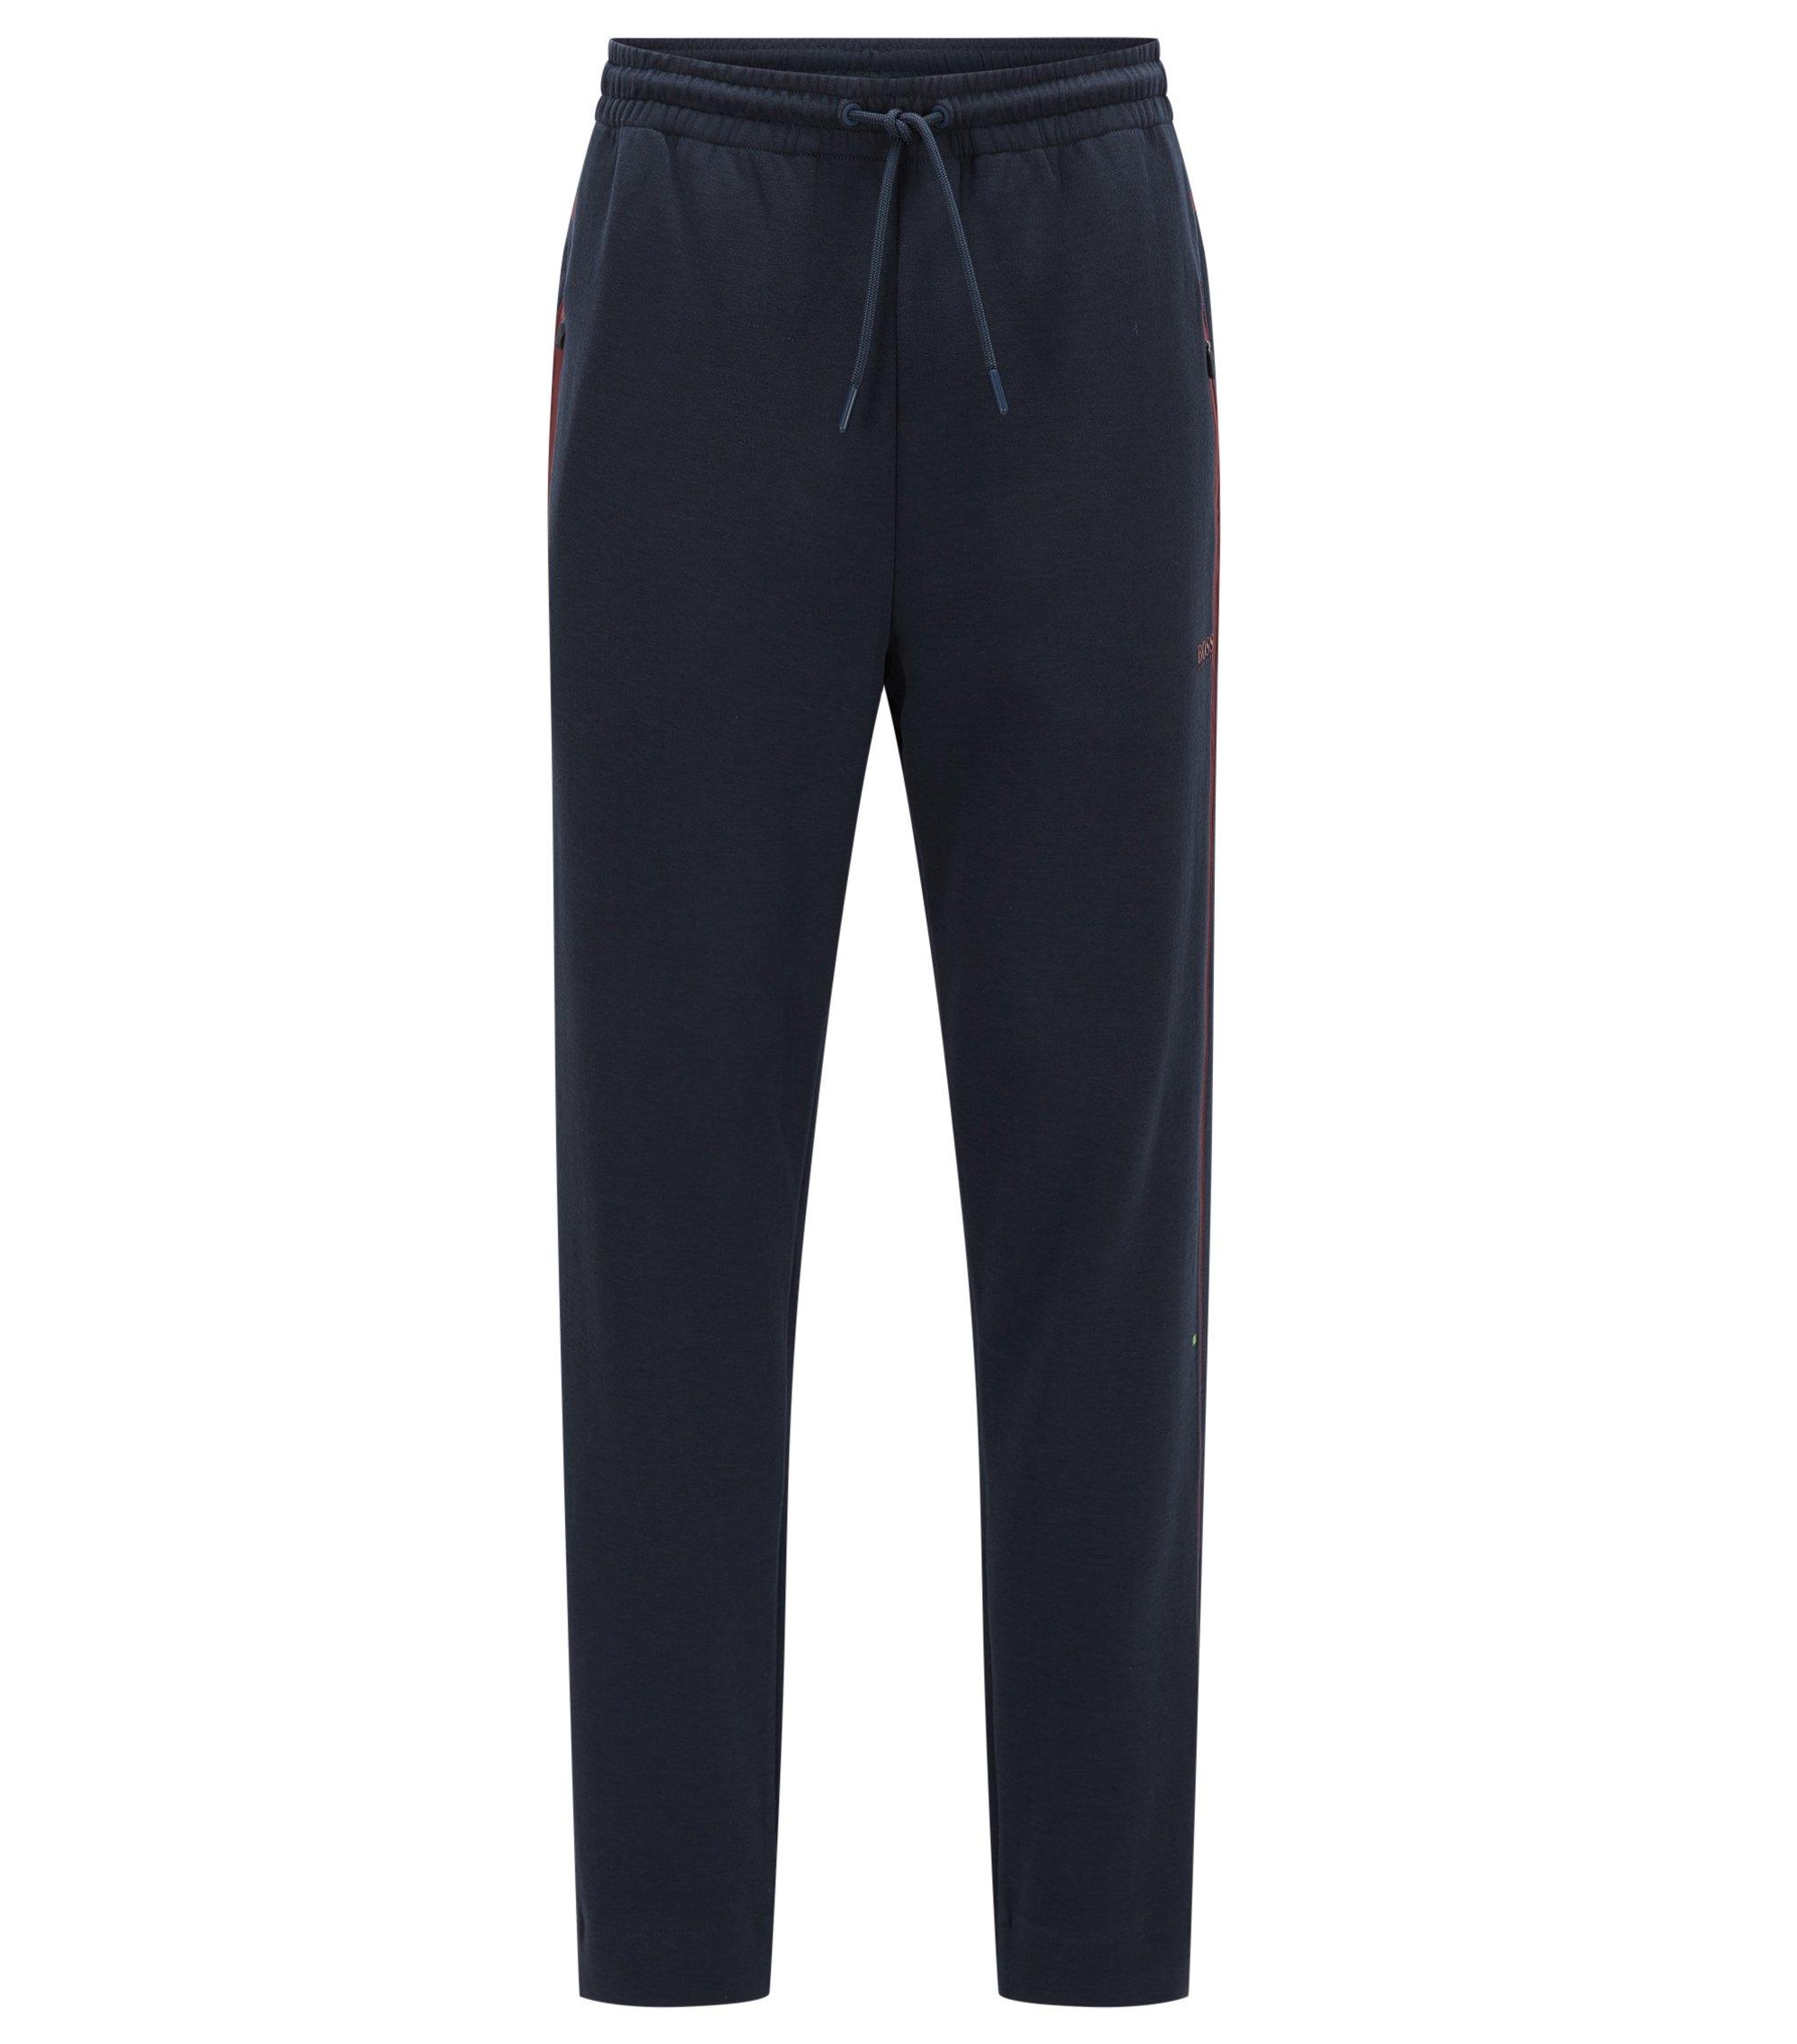 Regular-Fit Hose aus Baumwoll-Jersey mit Kontrast-Streifen, Dunkelblau